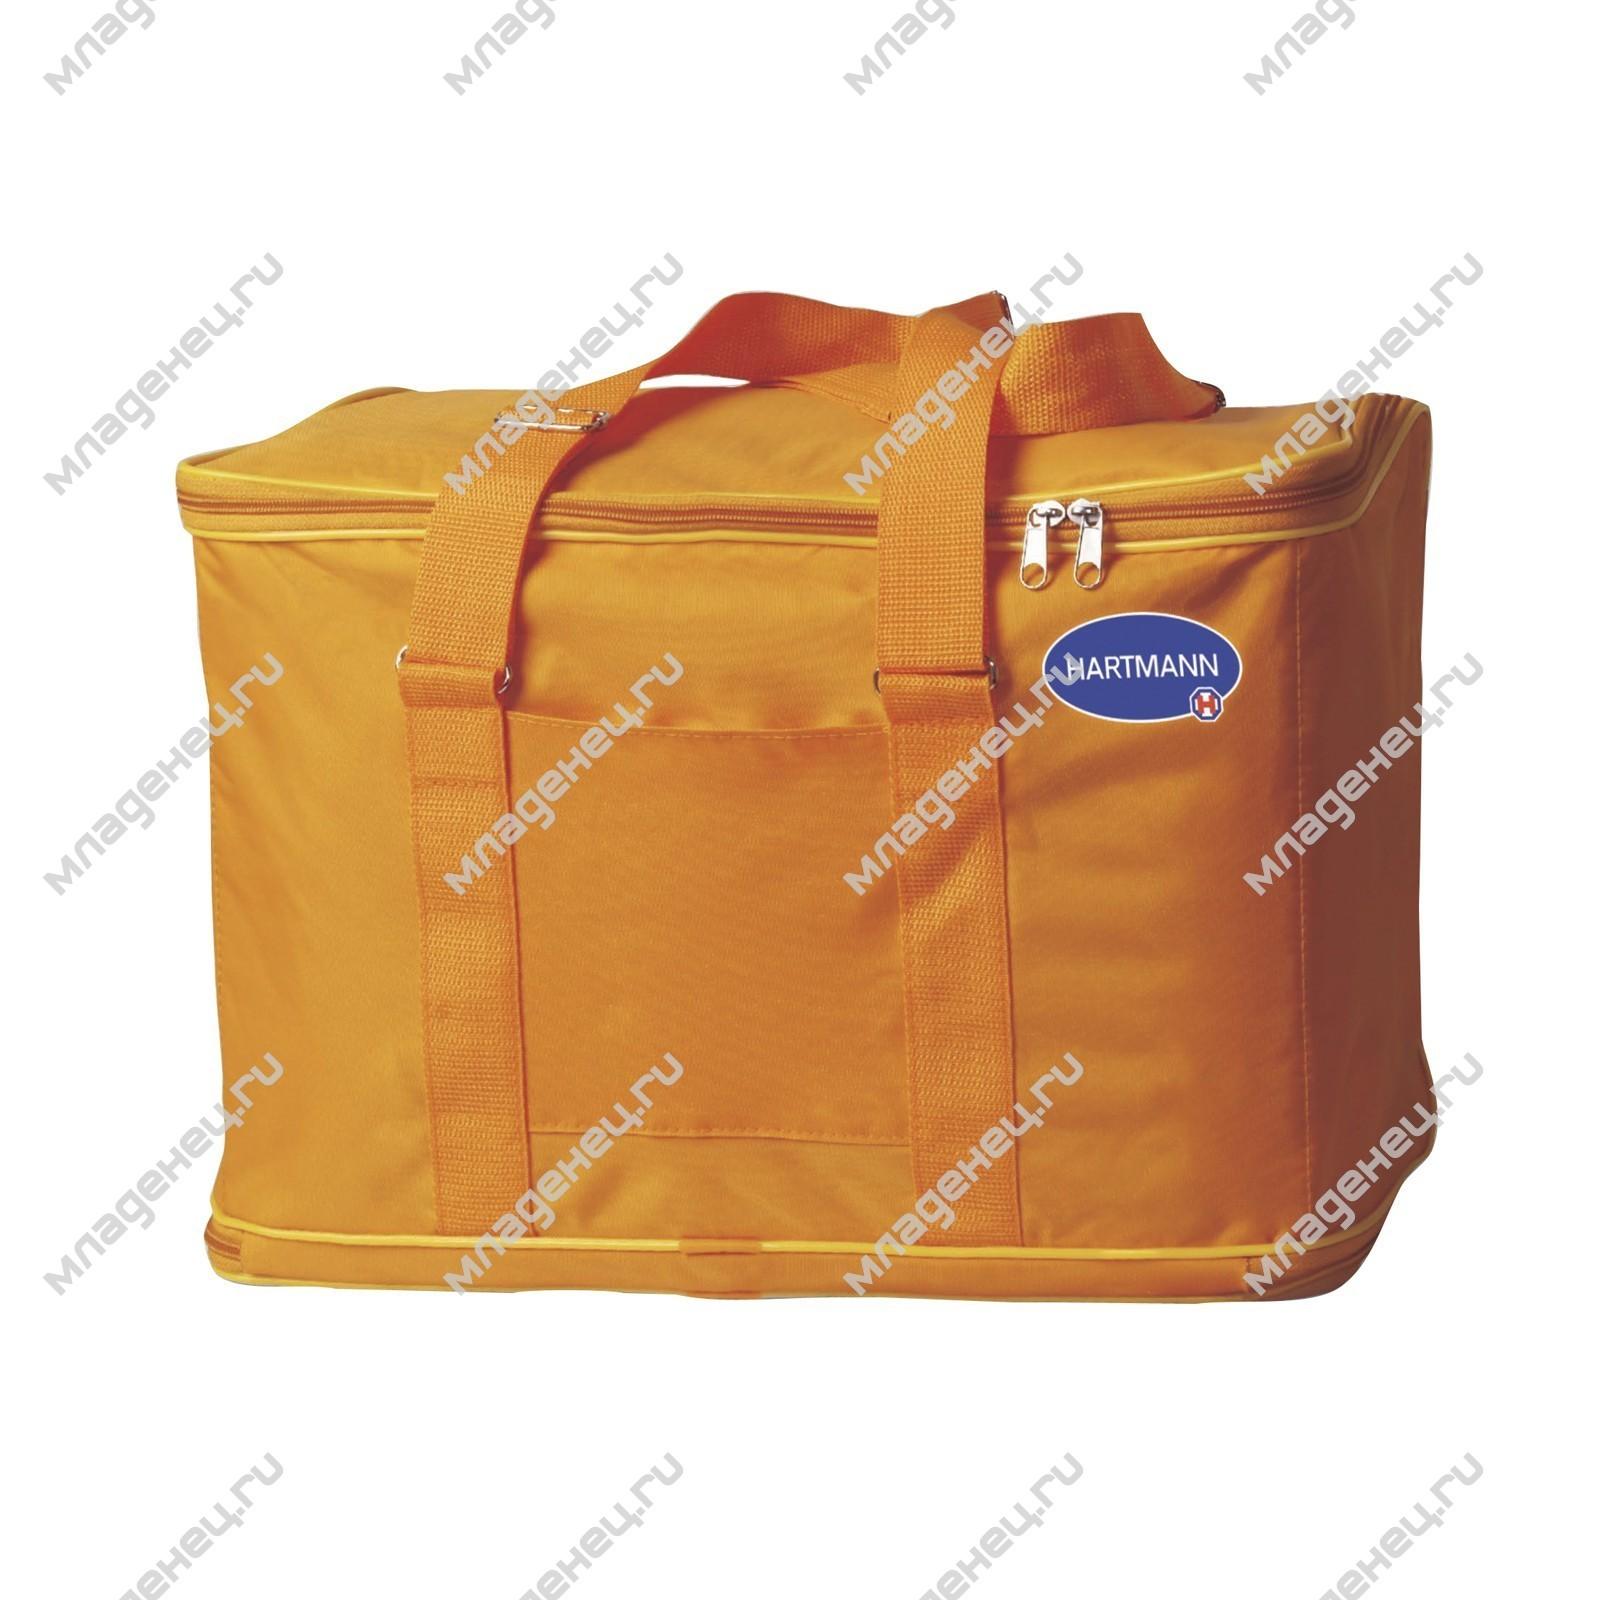 Сумка-трансформер Hartmann набор для рожениц (оранжевая)<br>